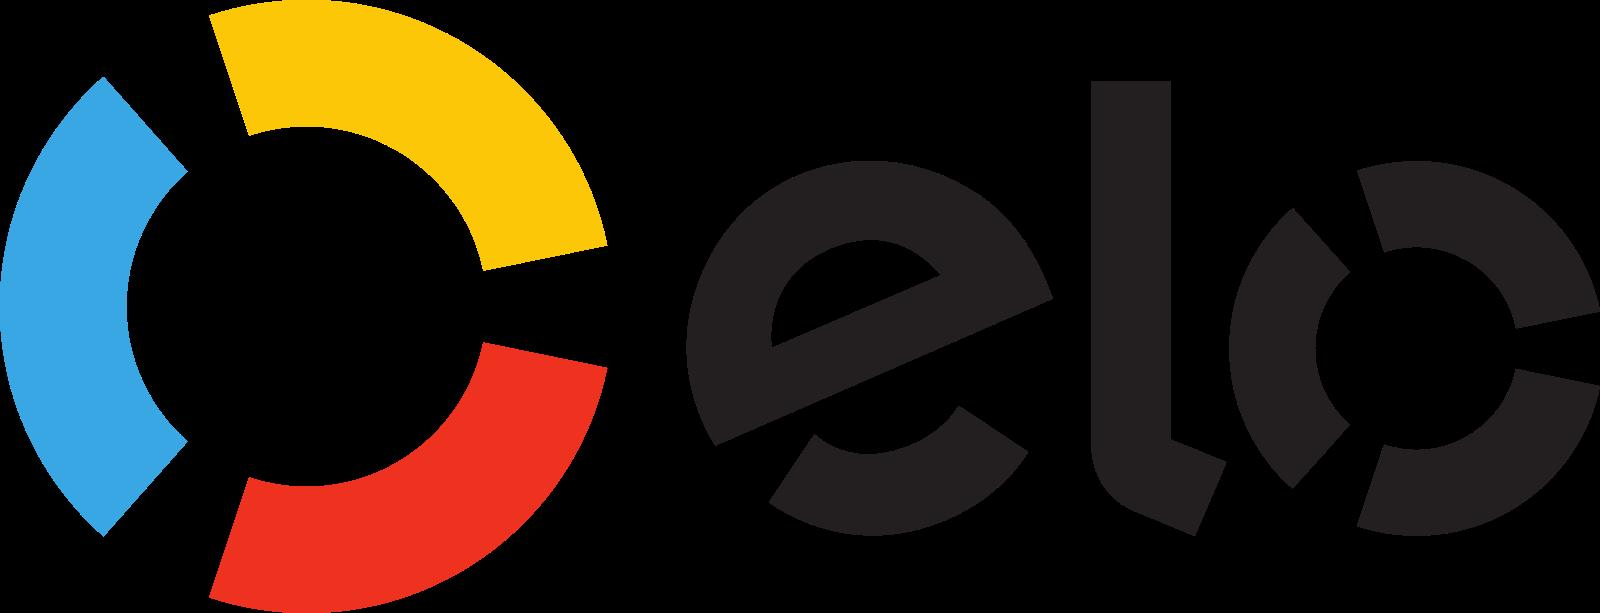 elo-logo-7